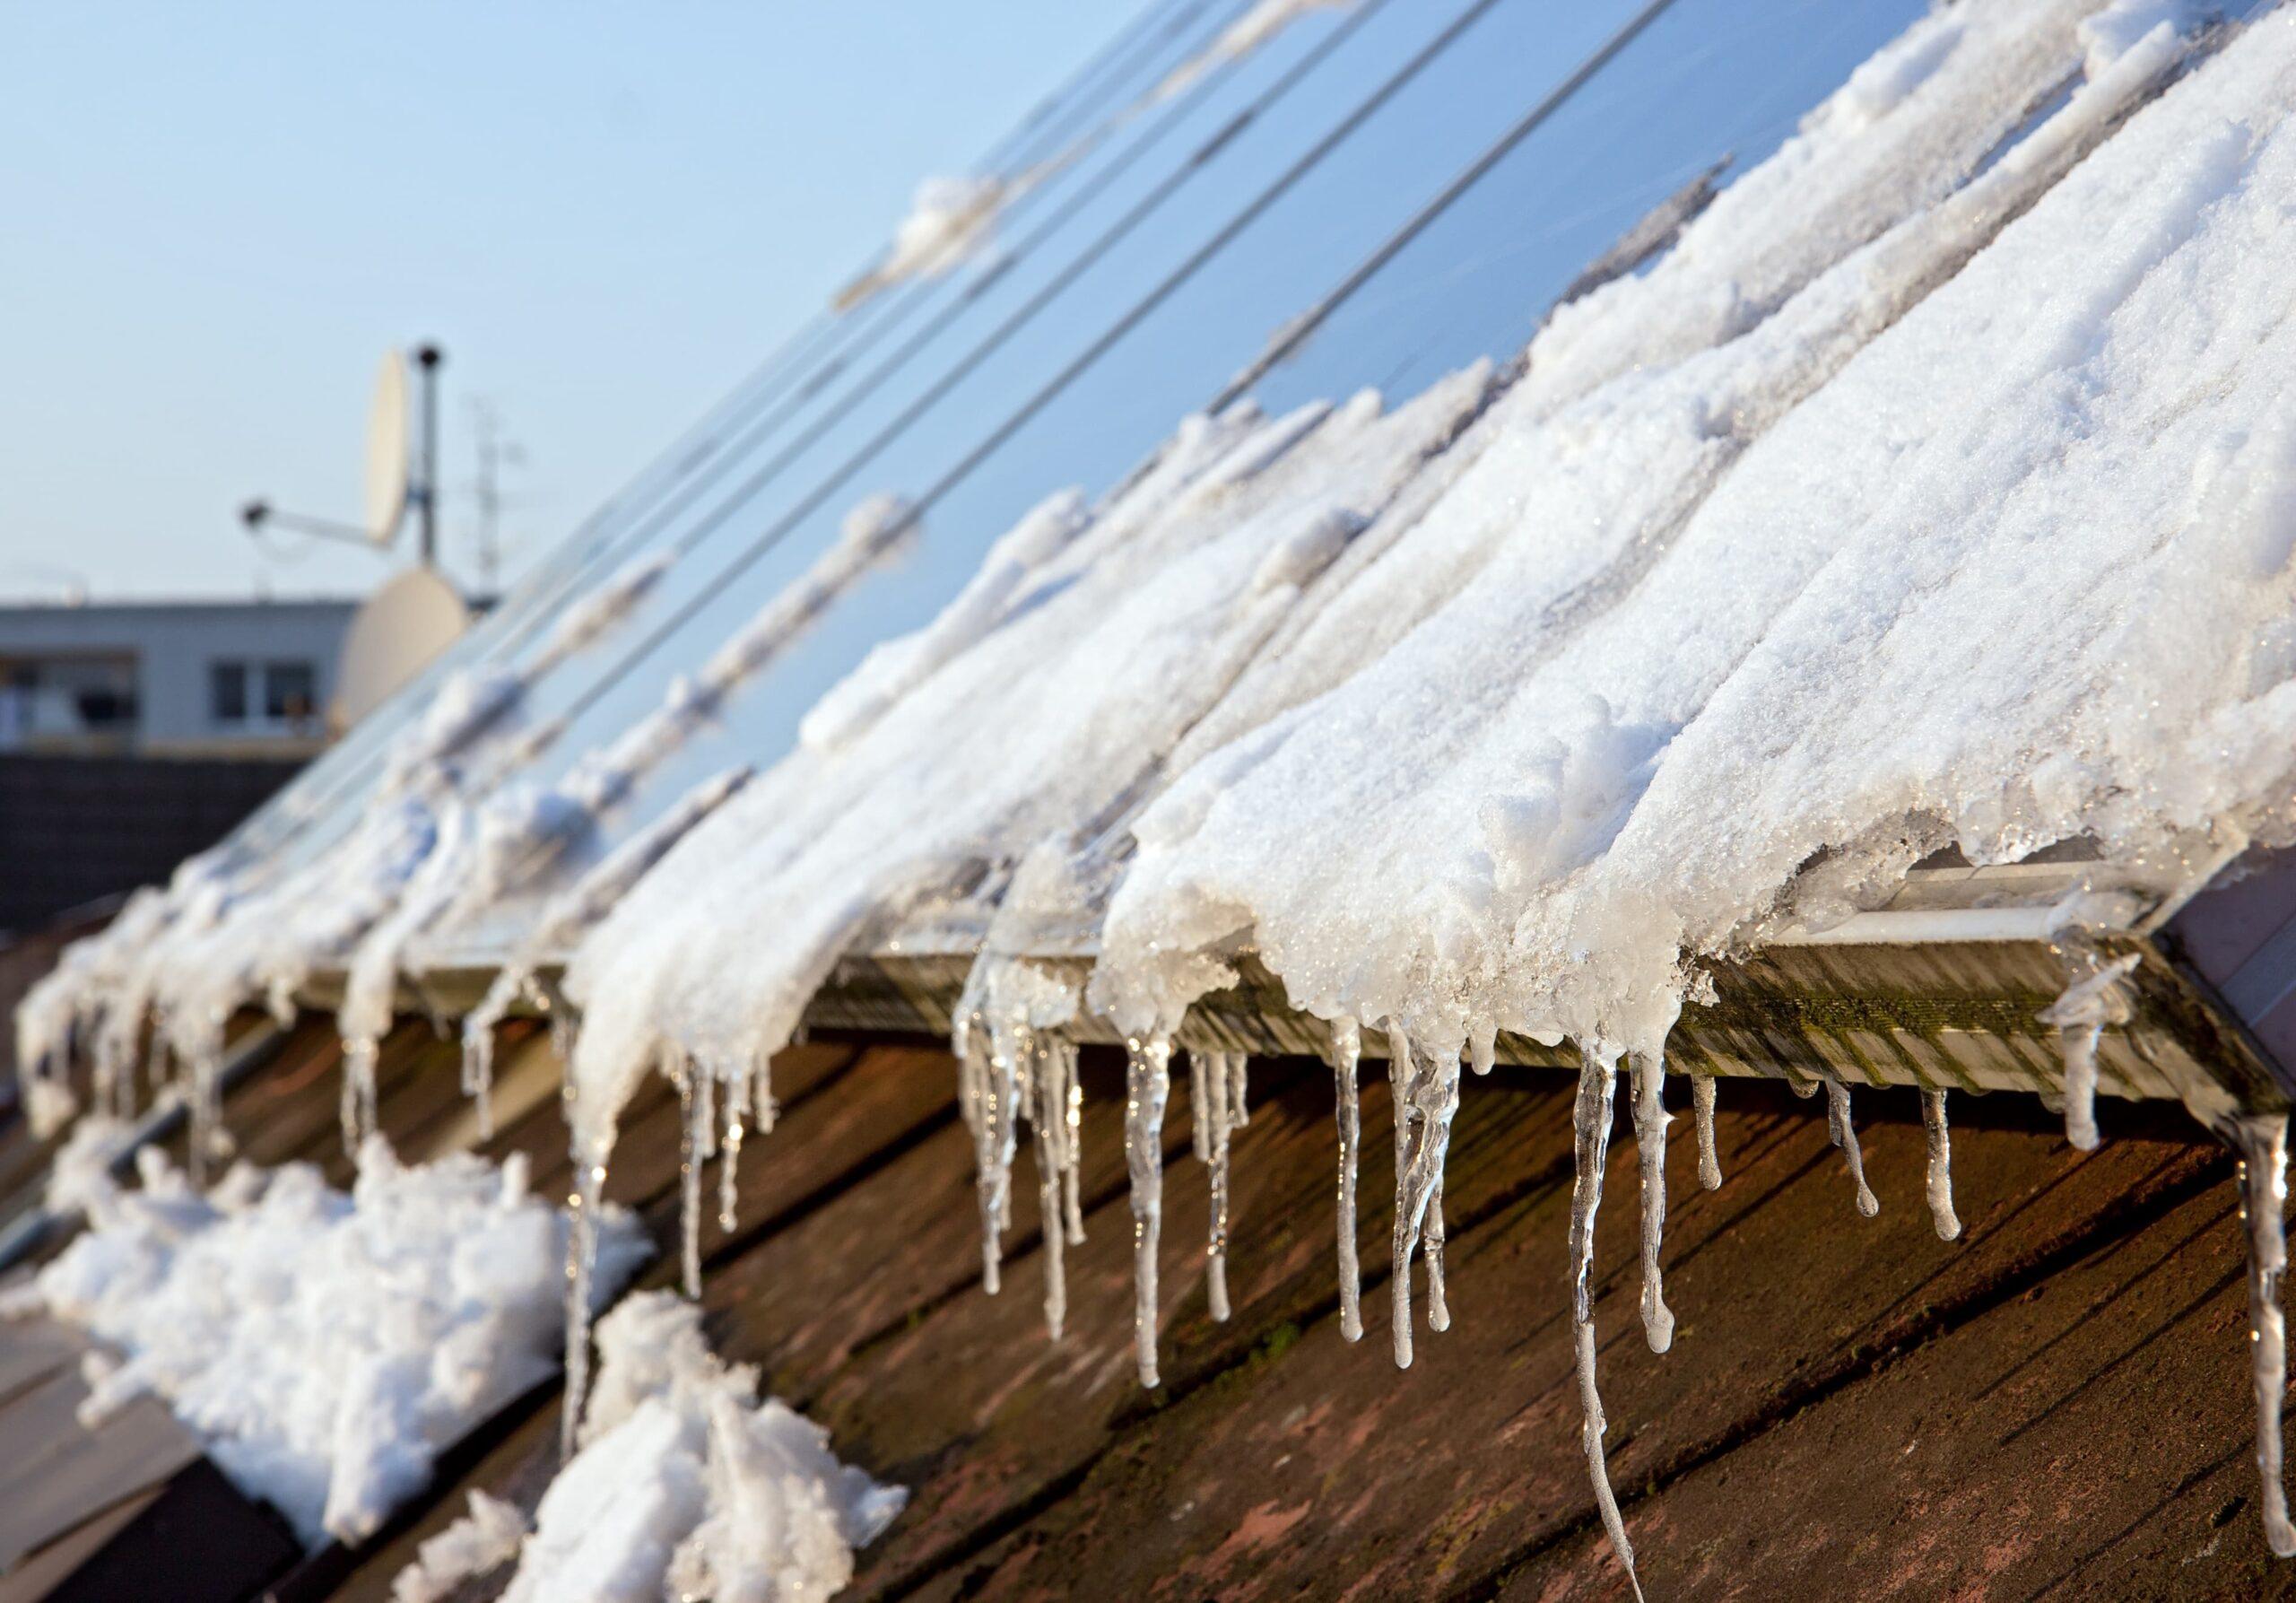 Panneaux photovoltaïques recouverts de neige conseils Energreen